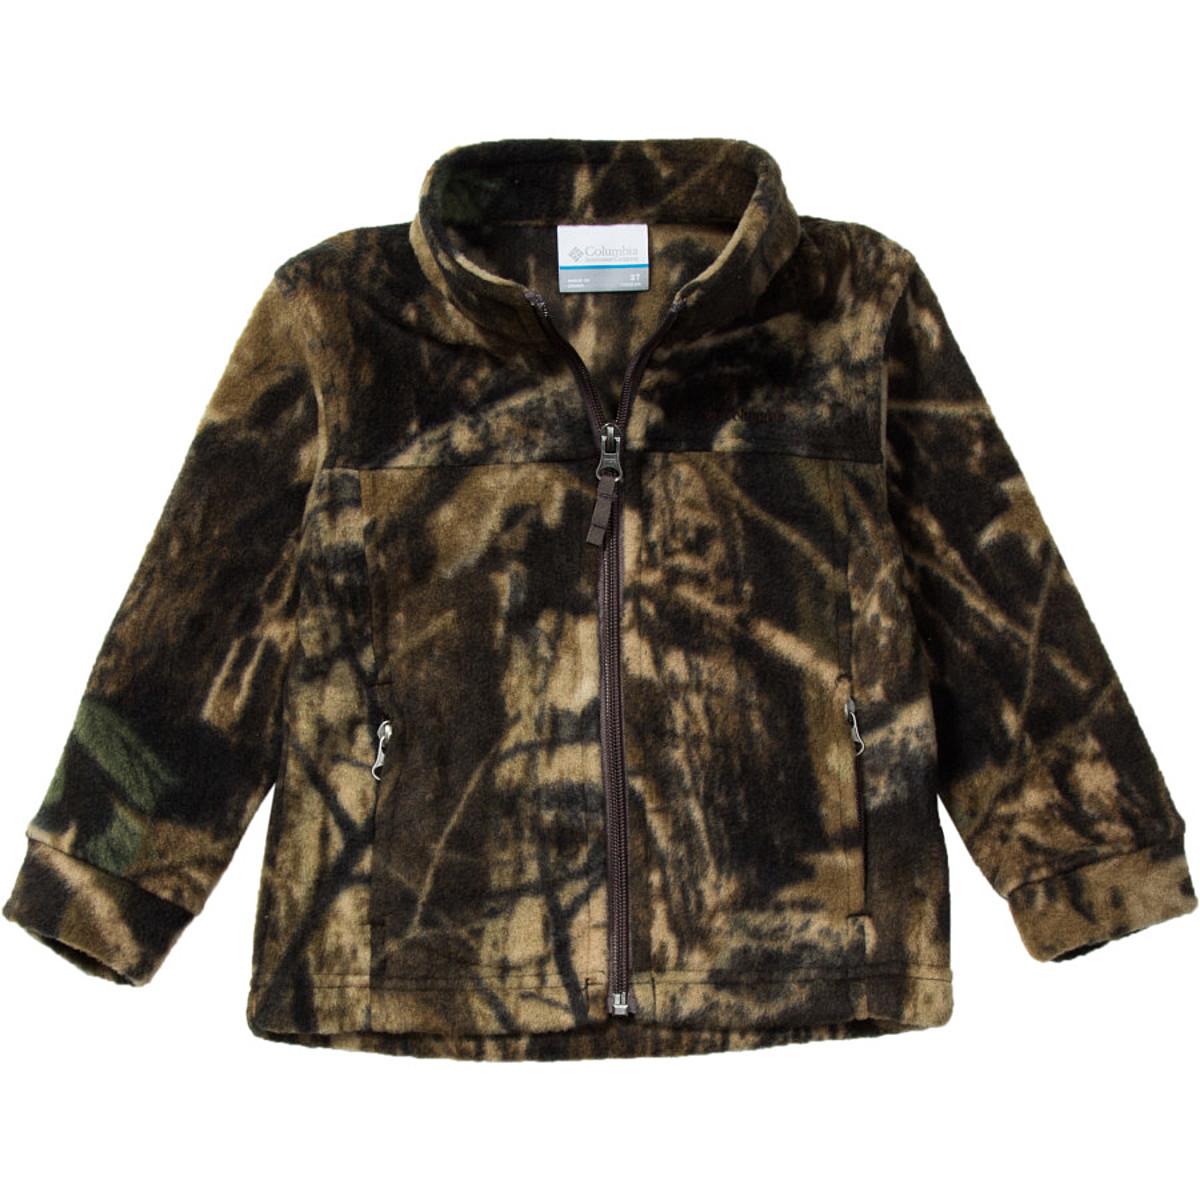 Columbia Zing II Fleece Jacket